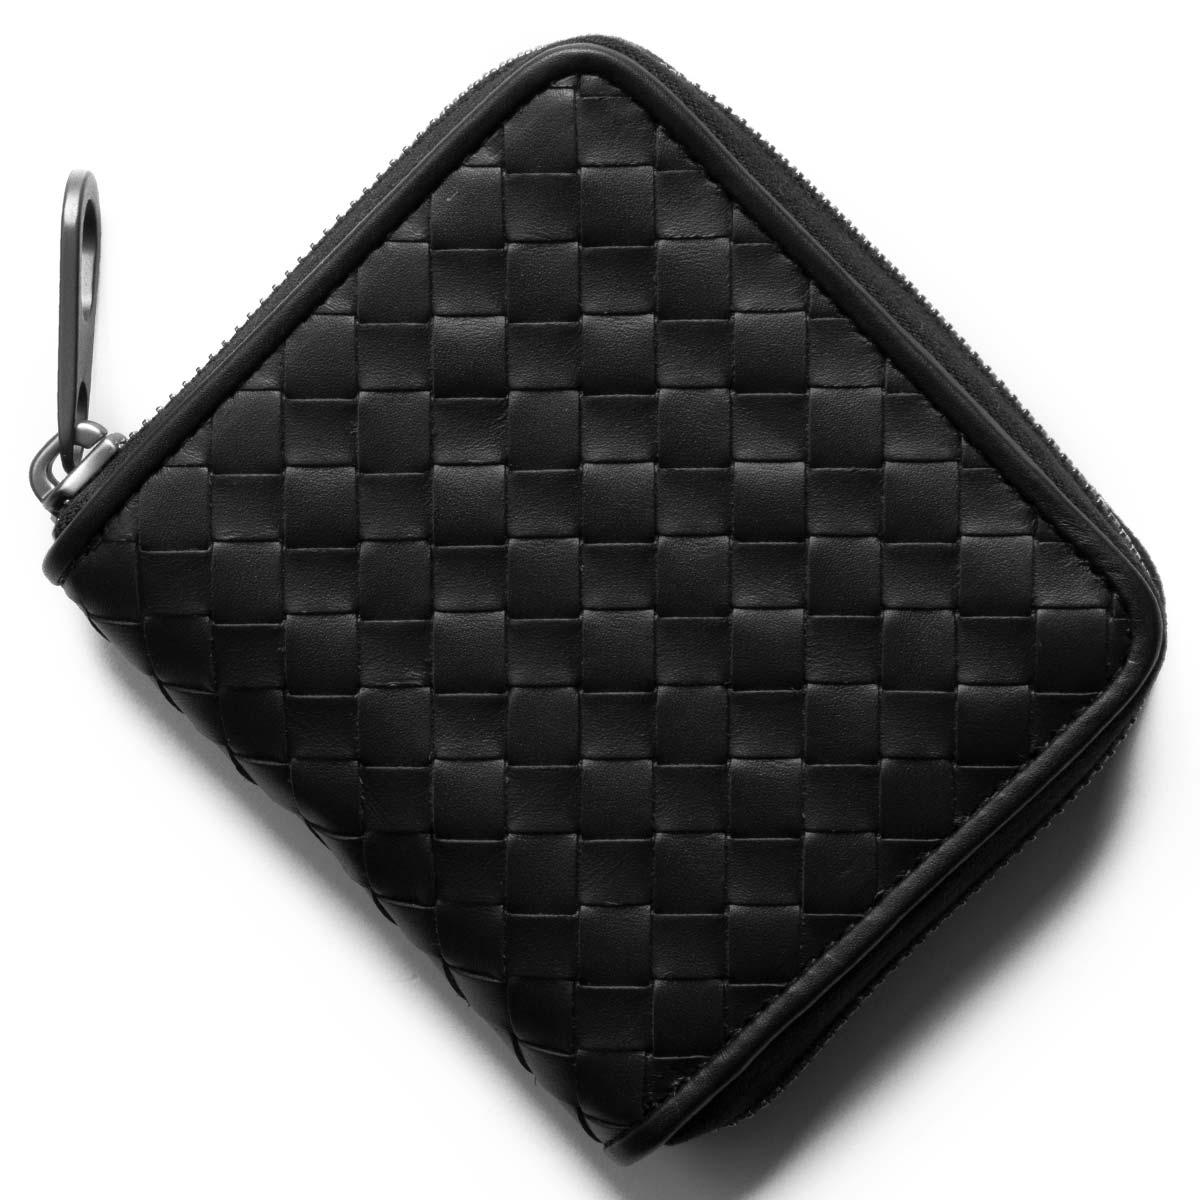 ボッテガヴェネタ (ボッテガ・ヴェネタ) 二つ折り財布 財布 メンズ イントレチャート ブラック 510293 V4651 1000 BOTTEGA VENETA